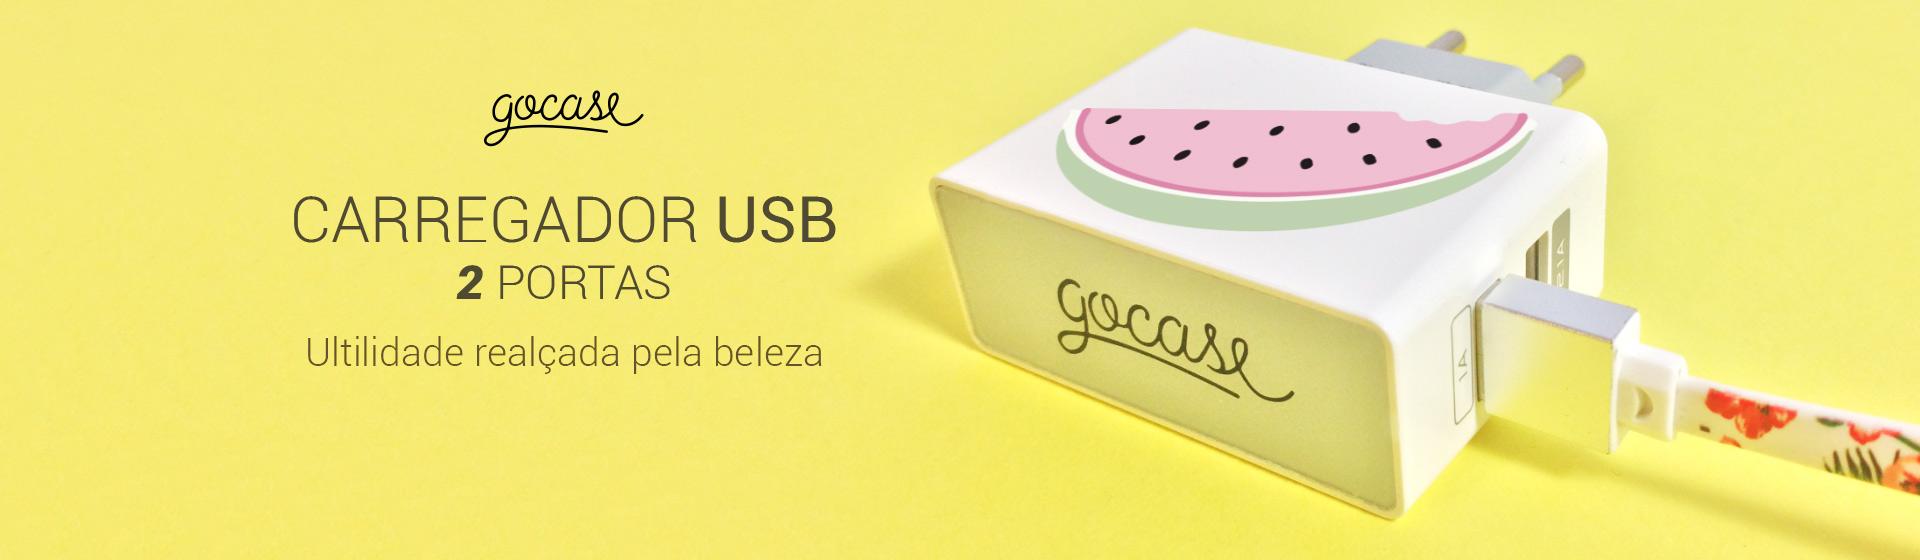 Carregador USB duas portas, utilidade realçada pela beleza